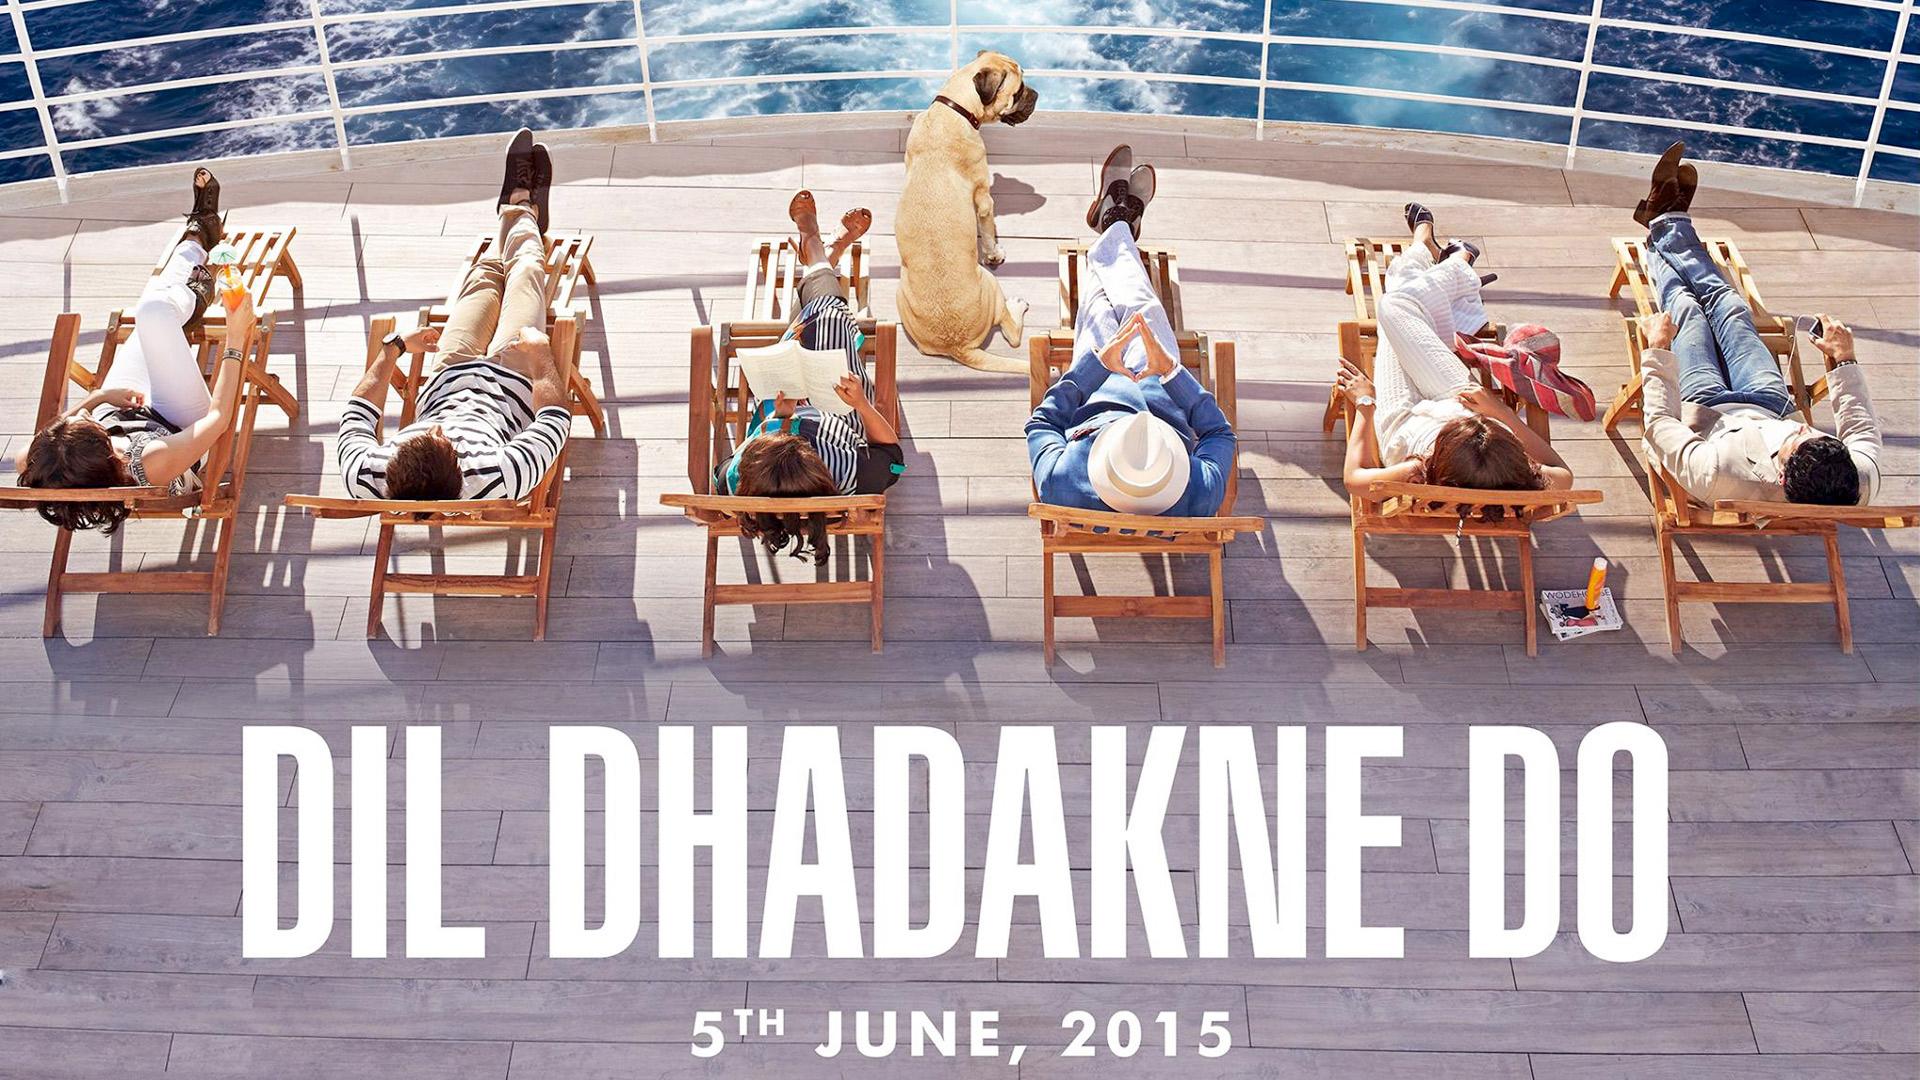 Dil Dhadakne Do Movie HD Wallpaper